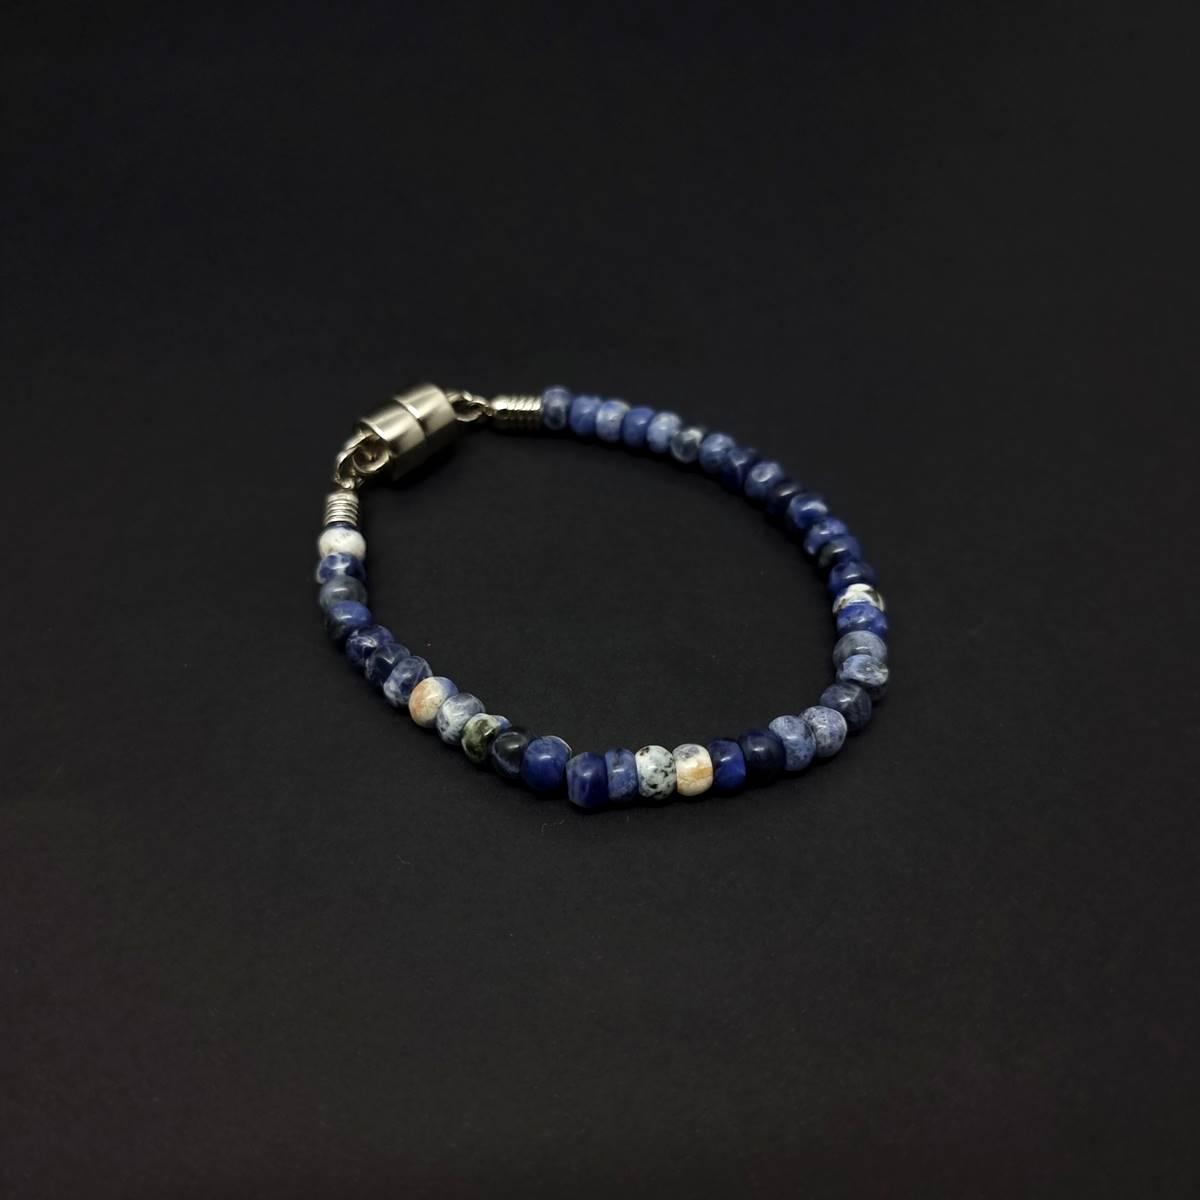 Pulseira de Pedras Naturais Discus Magnet Azul